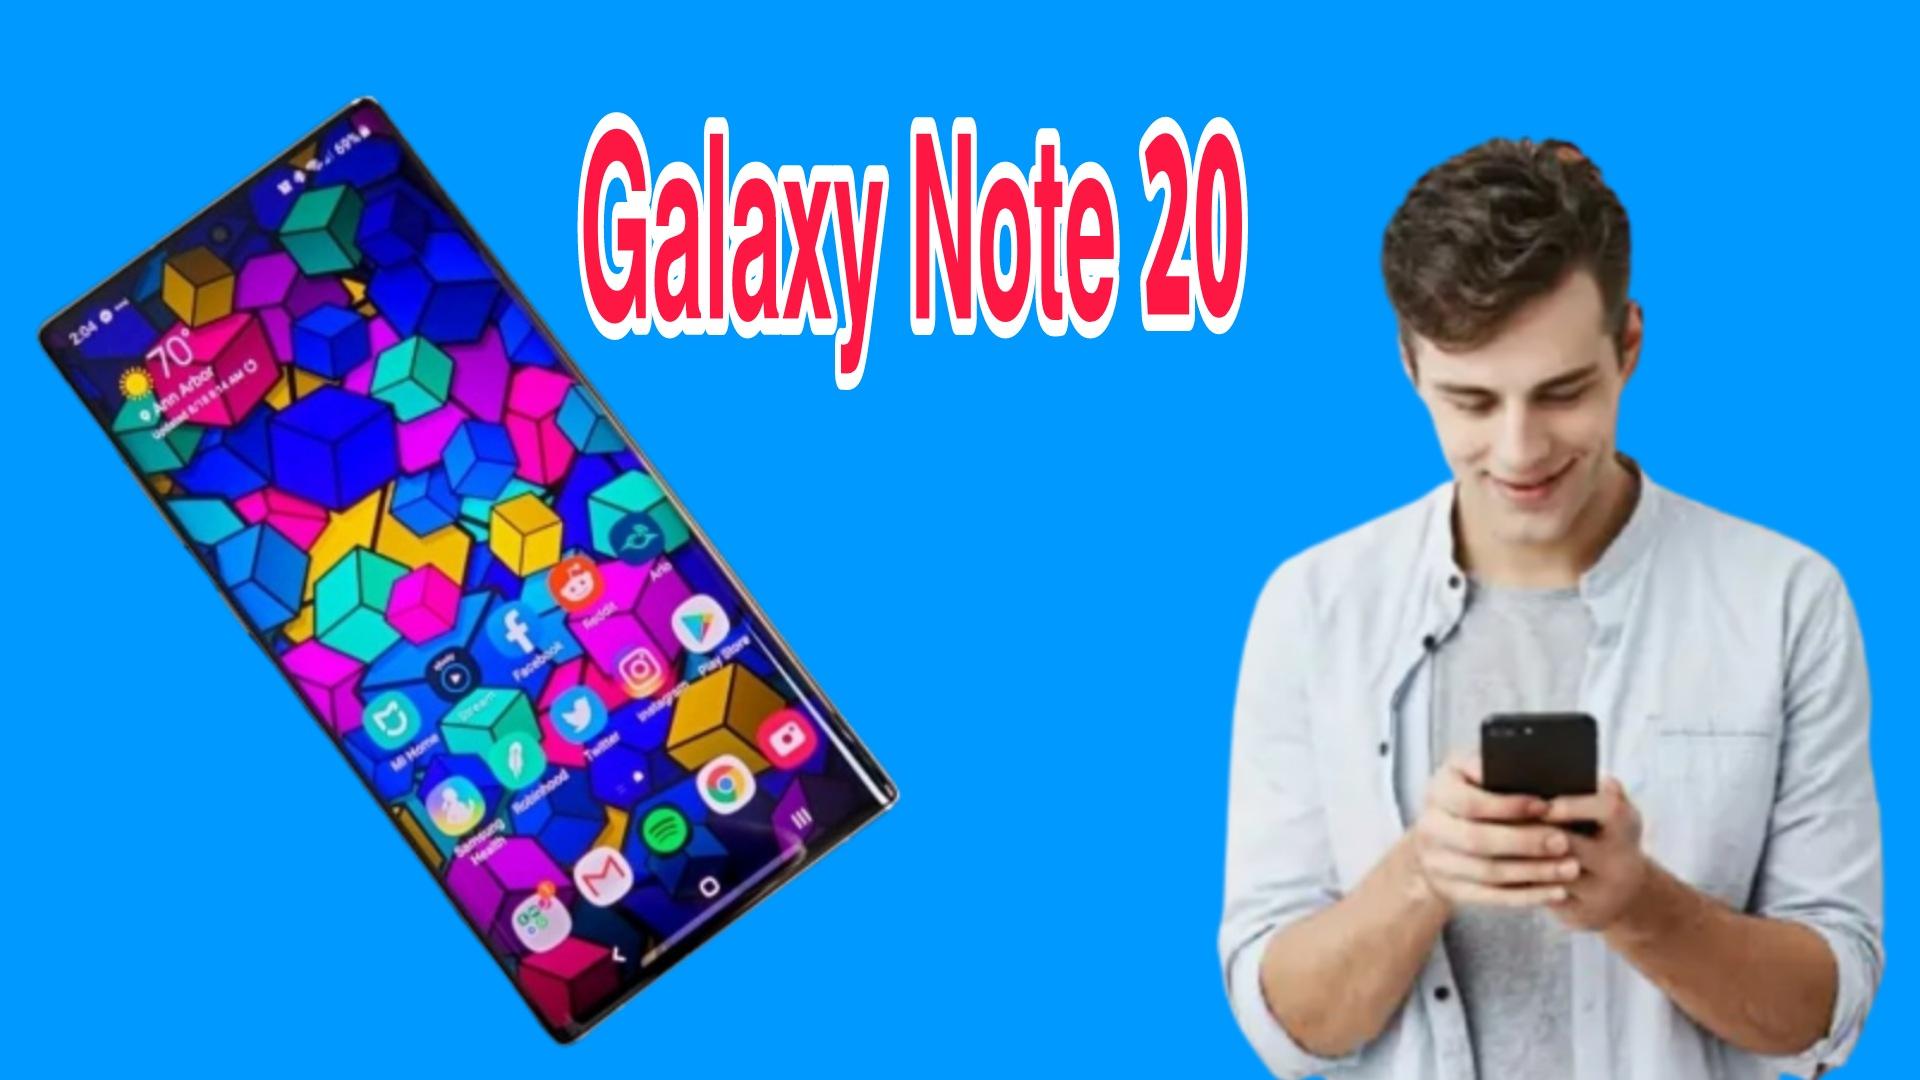 """مميزات ومواصفات هاتف """"Galaxy Note 20"""""""